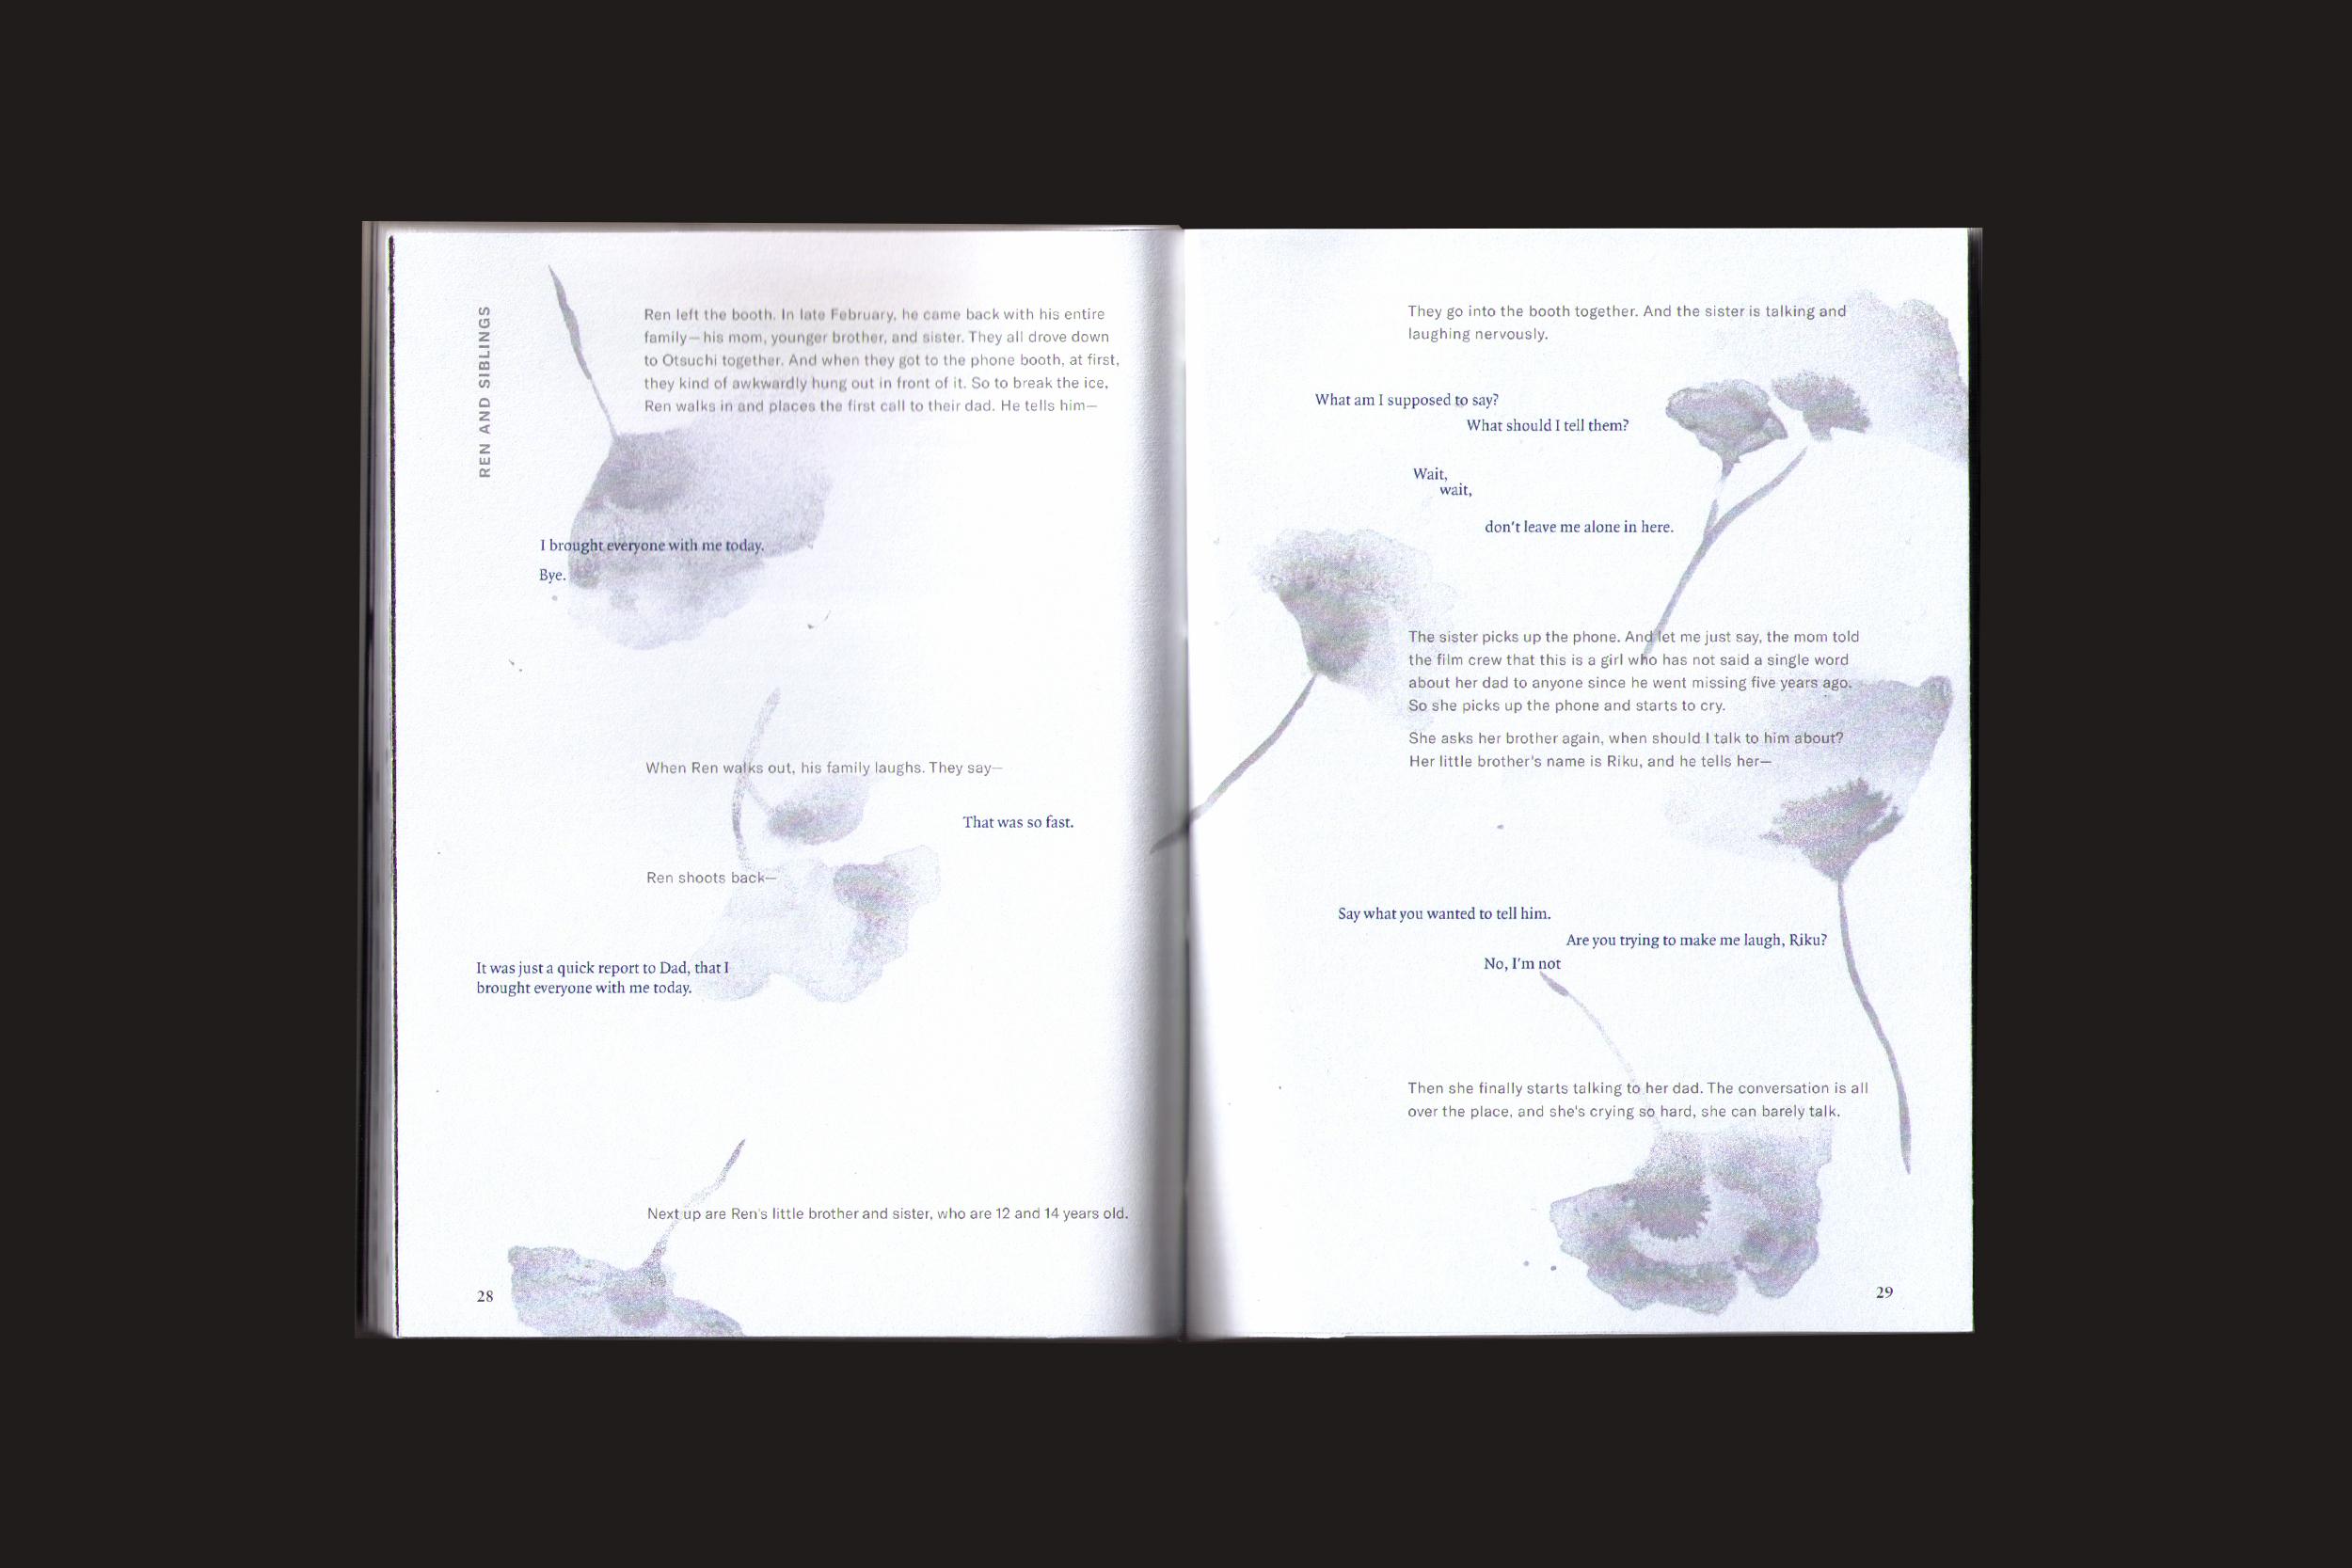 Phone_book18.jpg